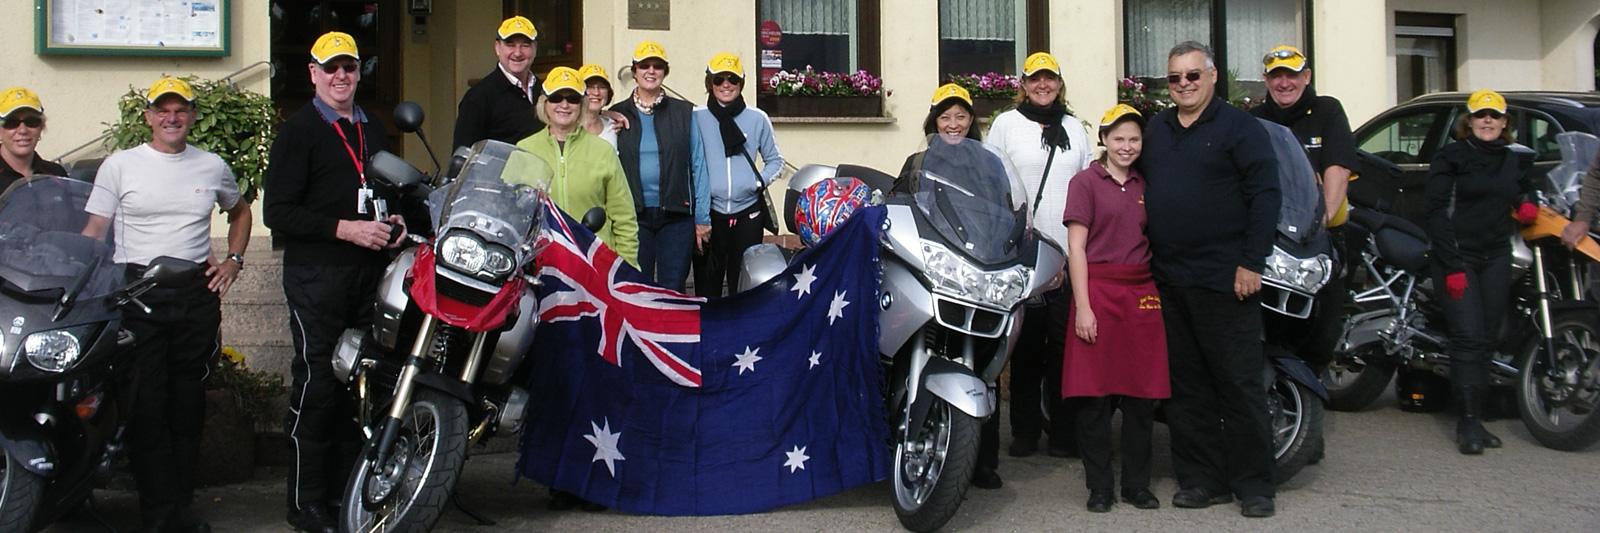 Motorradfahrer im Hotel Haus Schons in Mettlach